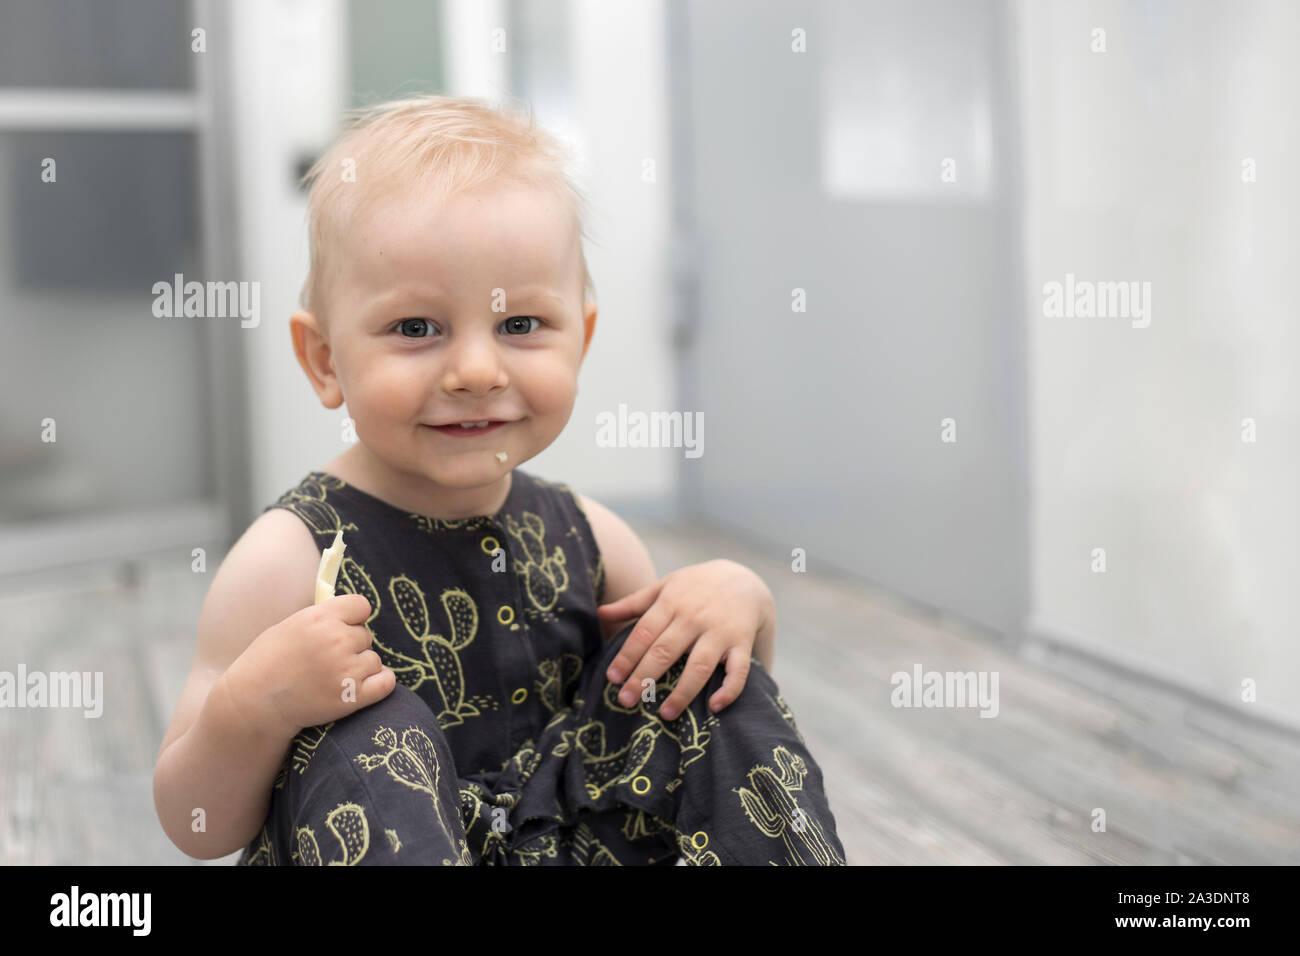 Surpris petit bébé sur le plancher à l'intérieur d'accueil Banque D'Images